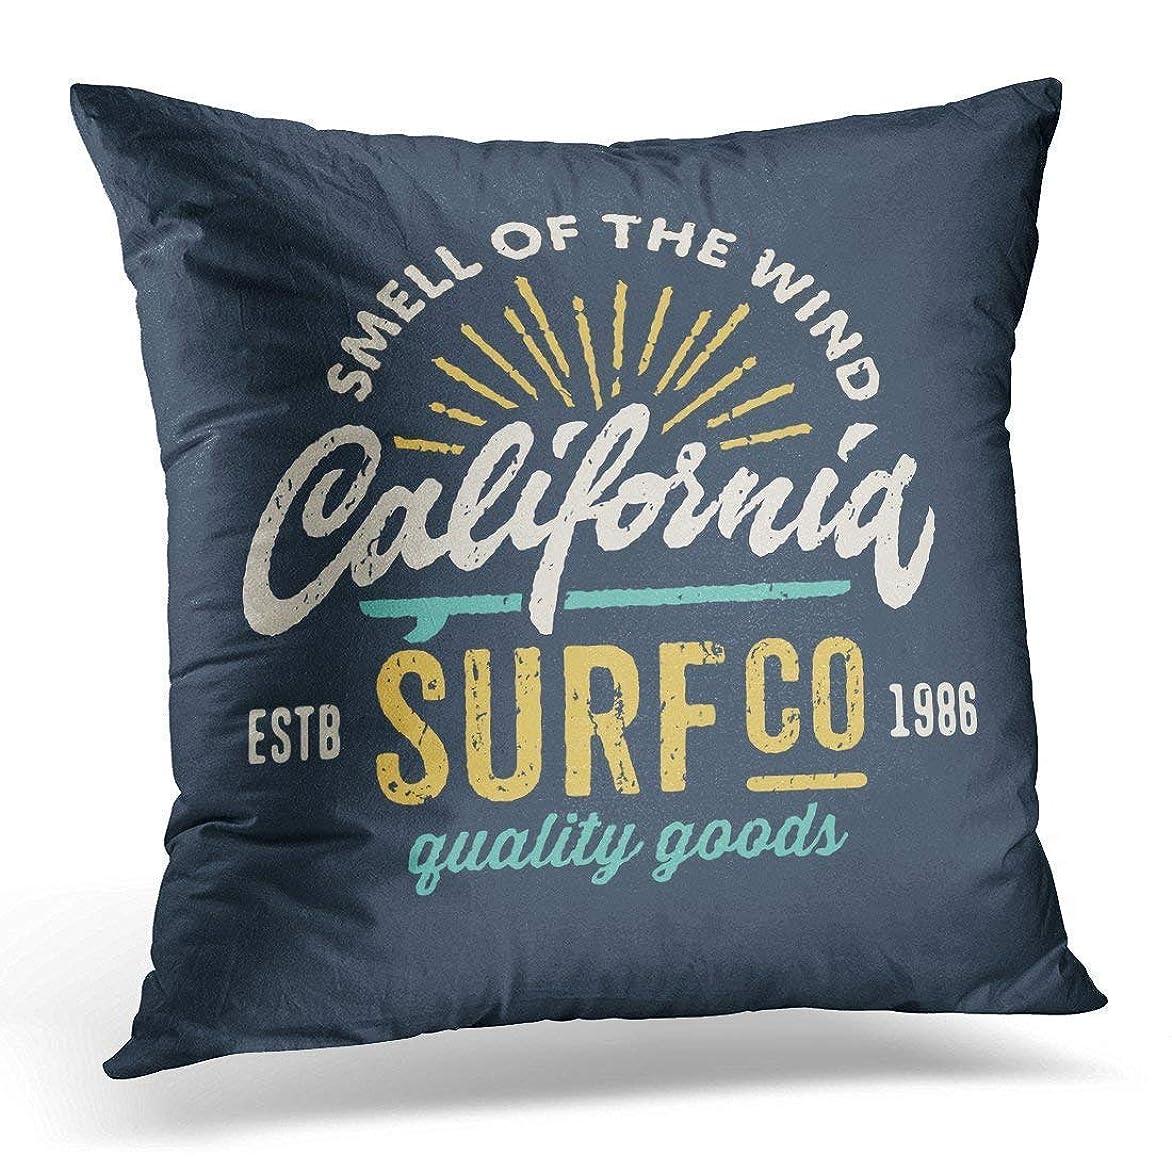 脅迫印をつける便利枕カバー、クッションカバーを投げて、枕ケースを投げてください、サーフィン会社のためにネイビーサーフビンテージアパレルグラフィックデザイン